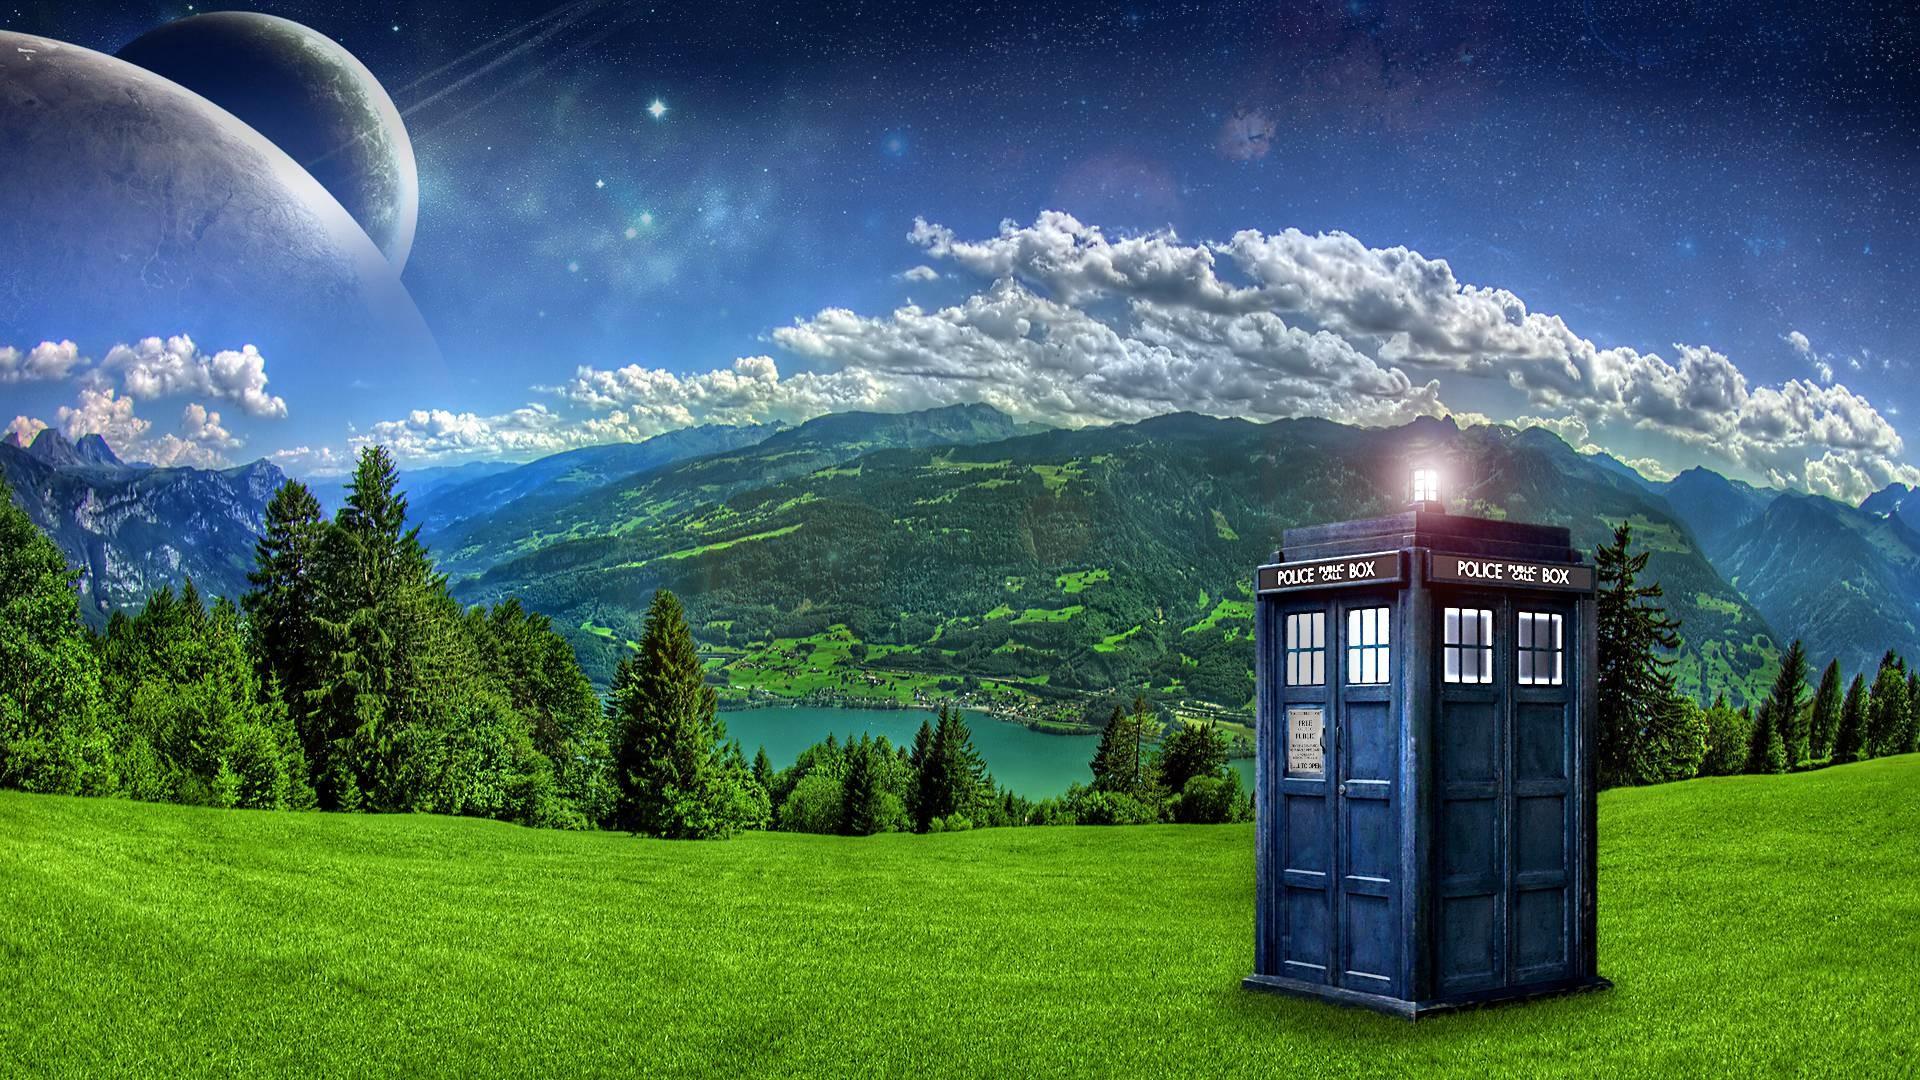 Landscapes tardis doctor who desktop hd wallpaper – 1534430